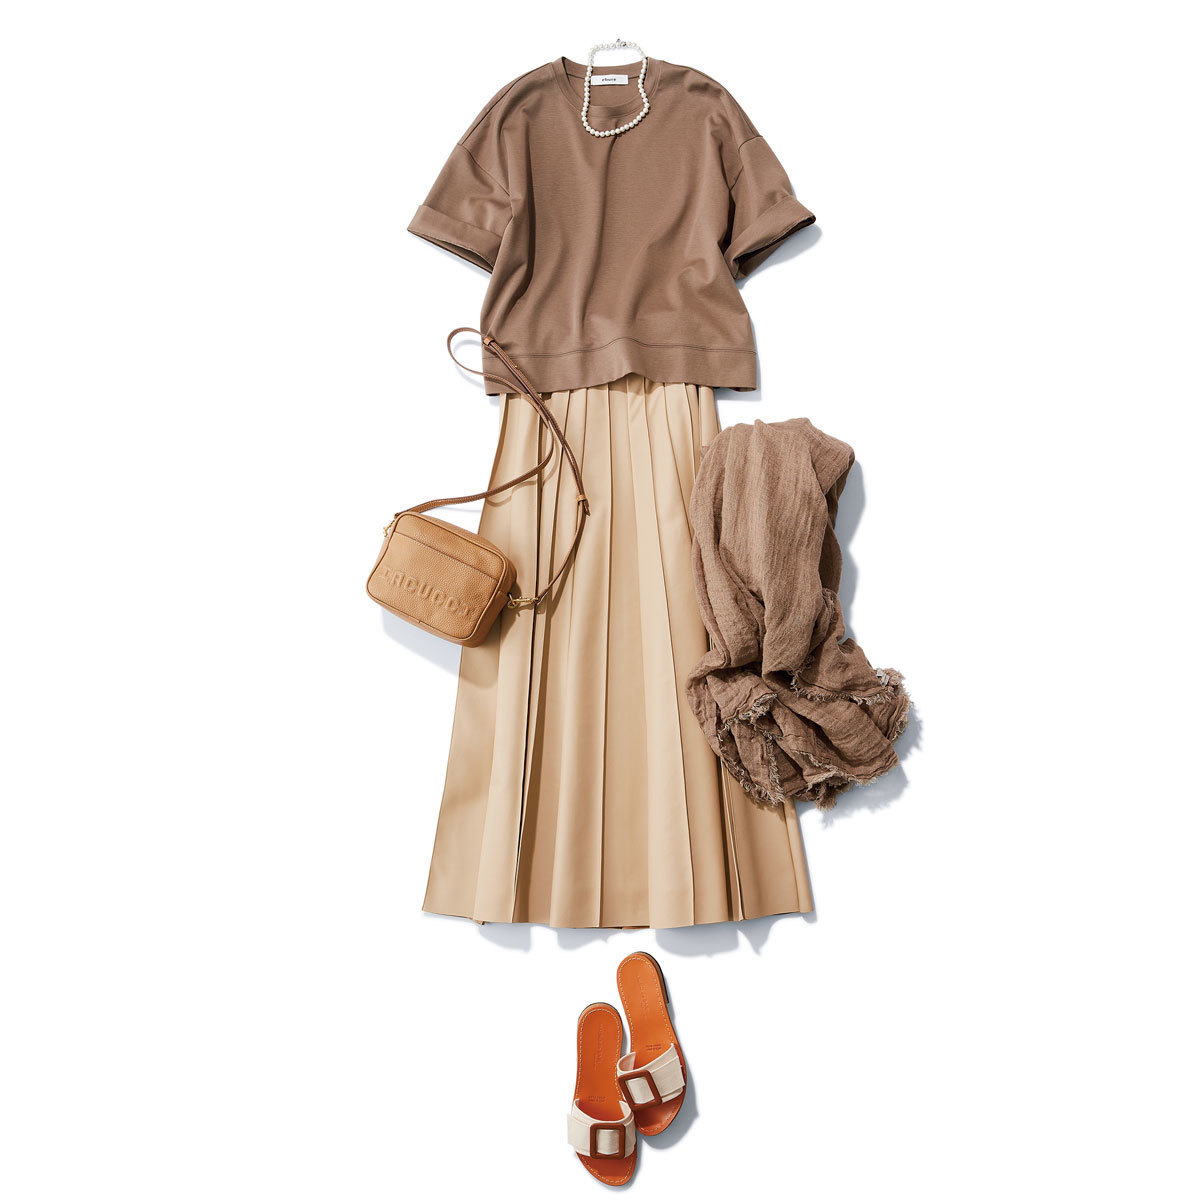 ■グレージュのTシャツ×ベージュのレザープリーツスカートコーデ